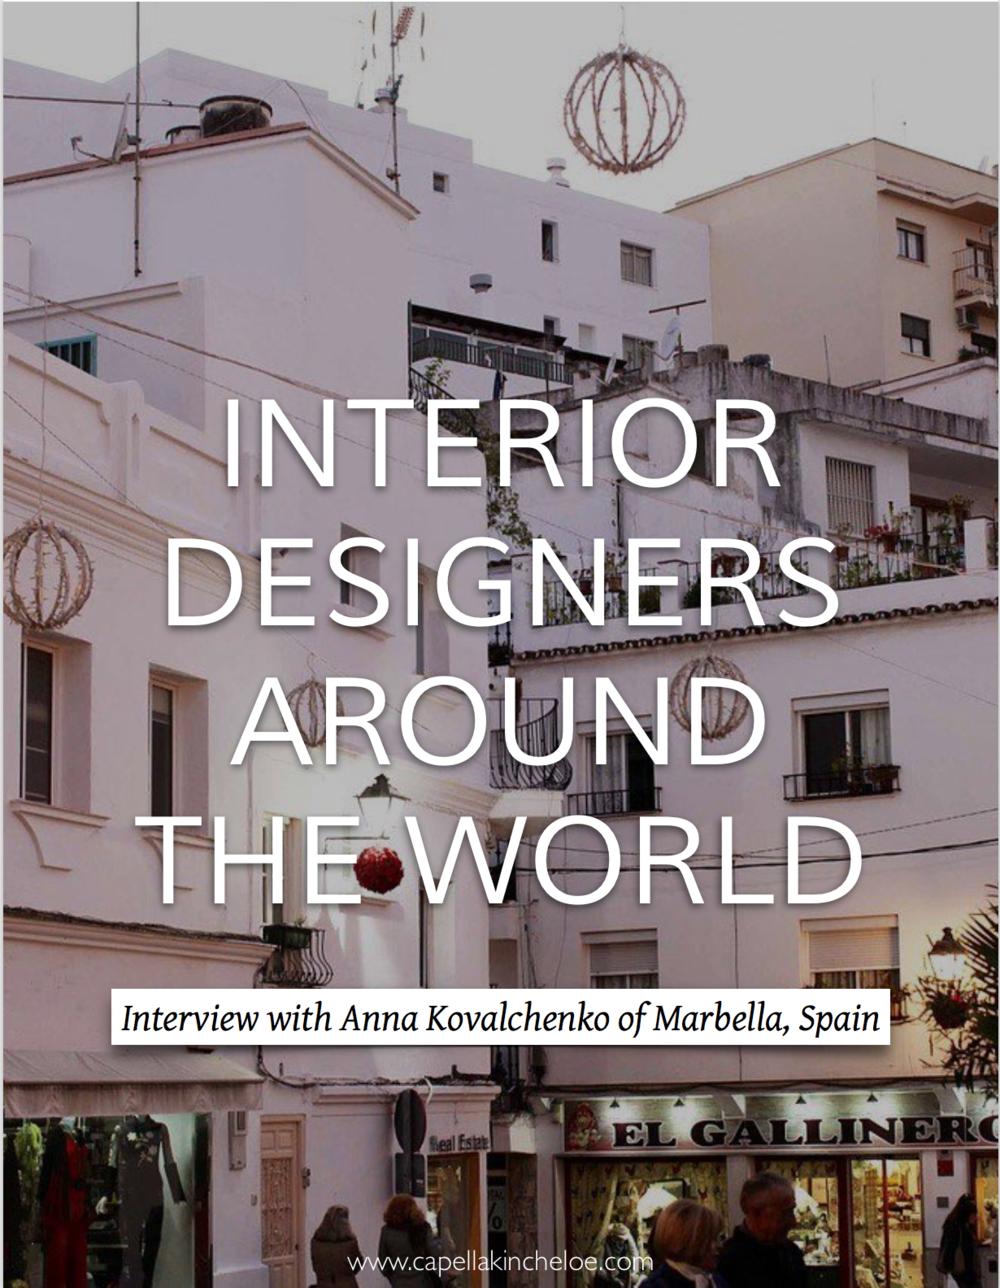 Get to know interior designers around the world #interiordesignbusiness #behindthebusiness #cktradesecrets